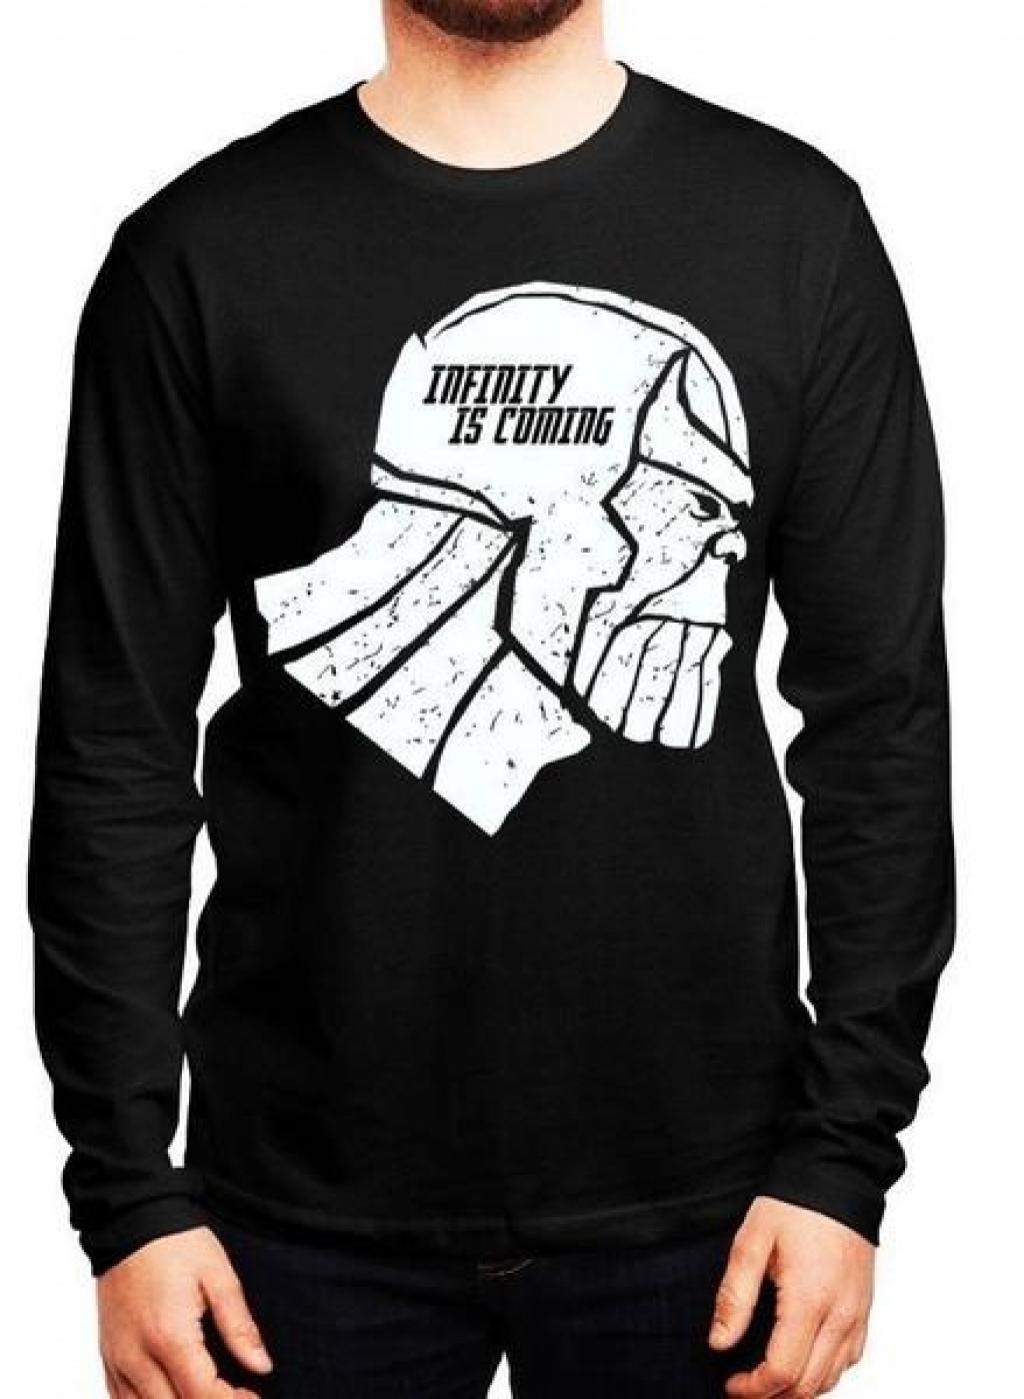 16025904250_t-shirt-design-for-men-branded-t-shirt-for-men-online-shopping-in-pakistan.jpg